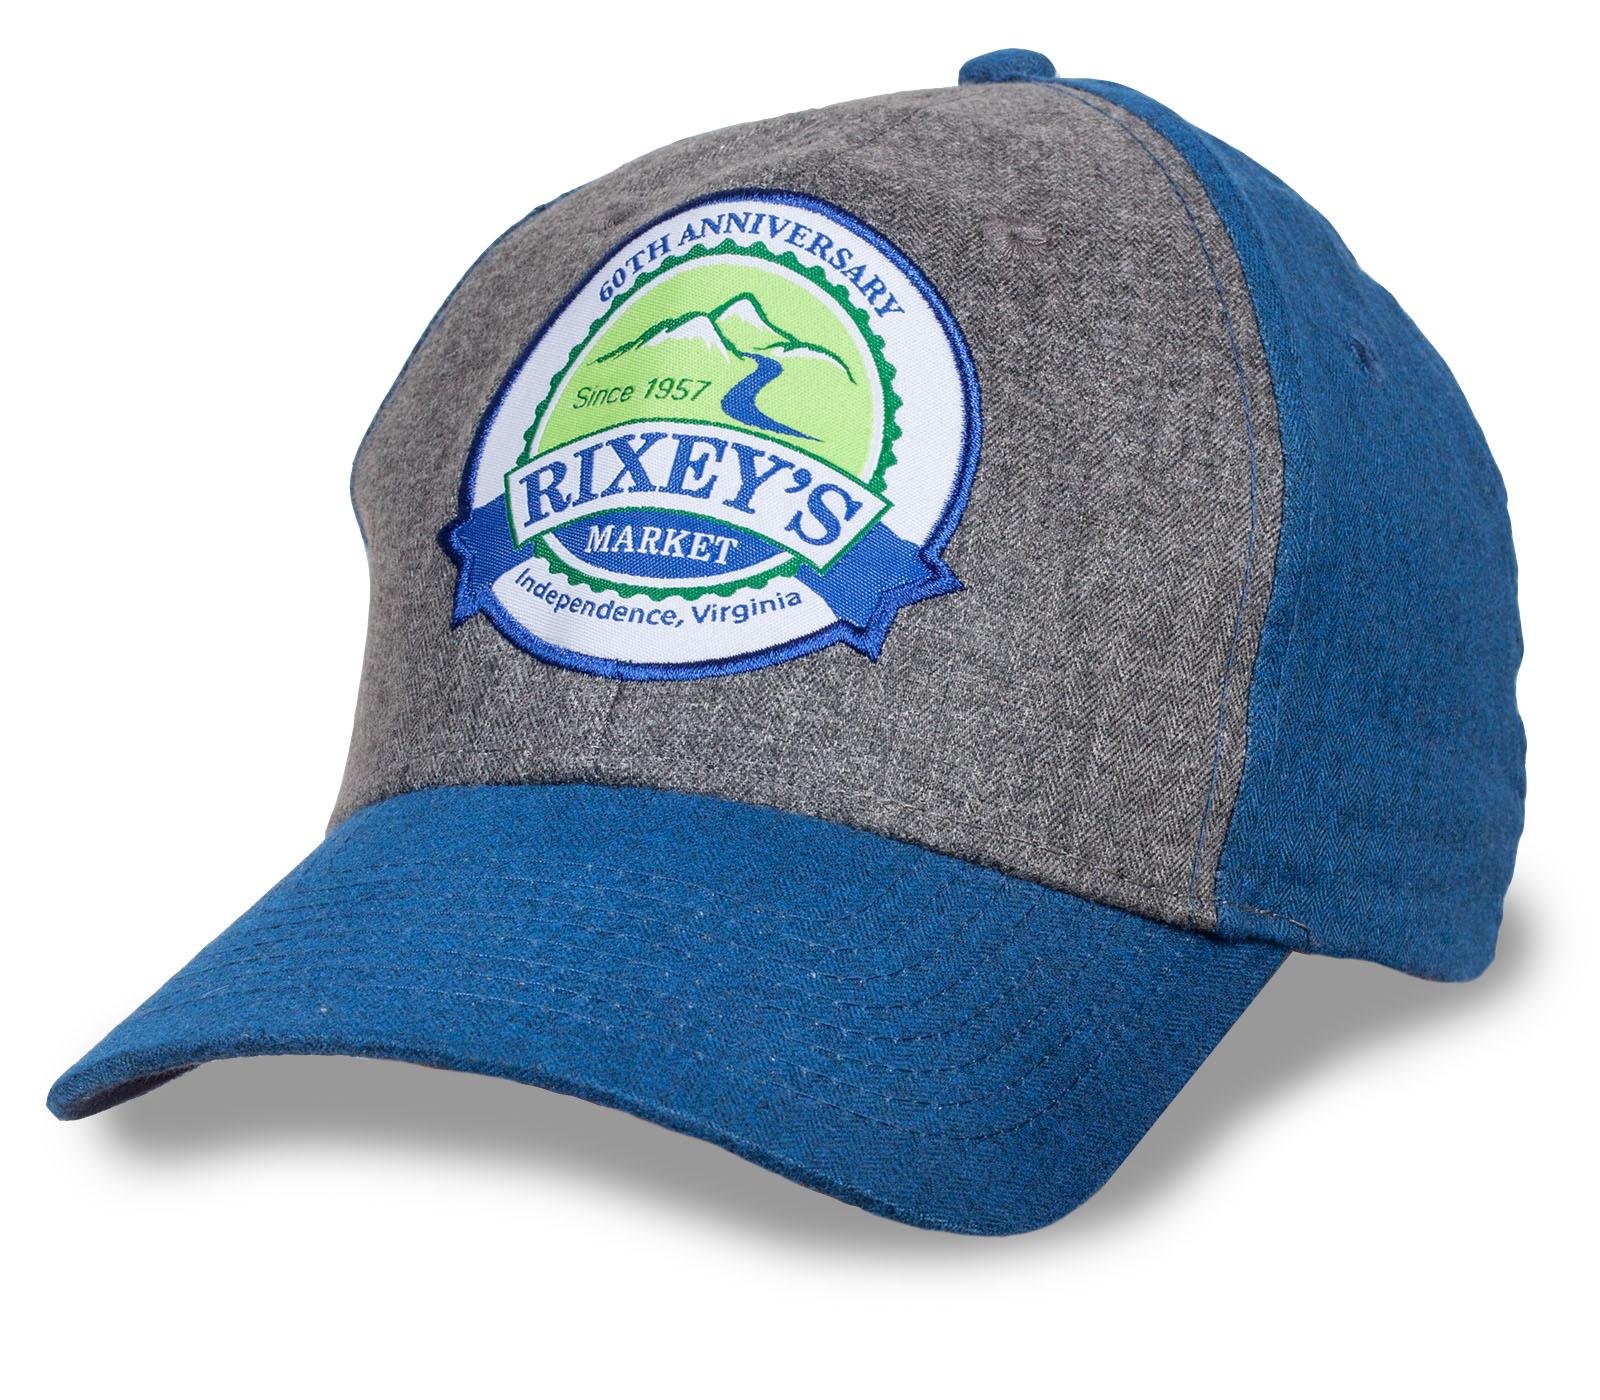 Заказать классную кепку с нашивкой старомодного магазина для всех Rixey's market по демократической цене